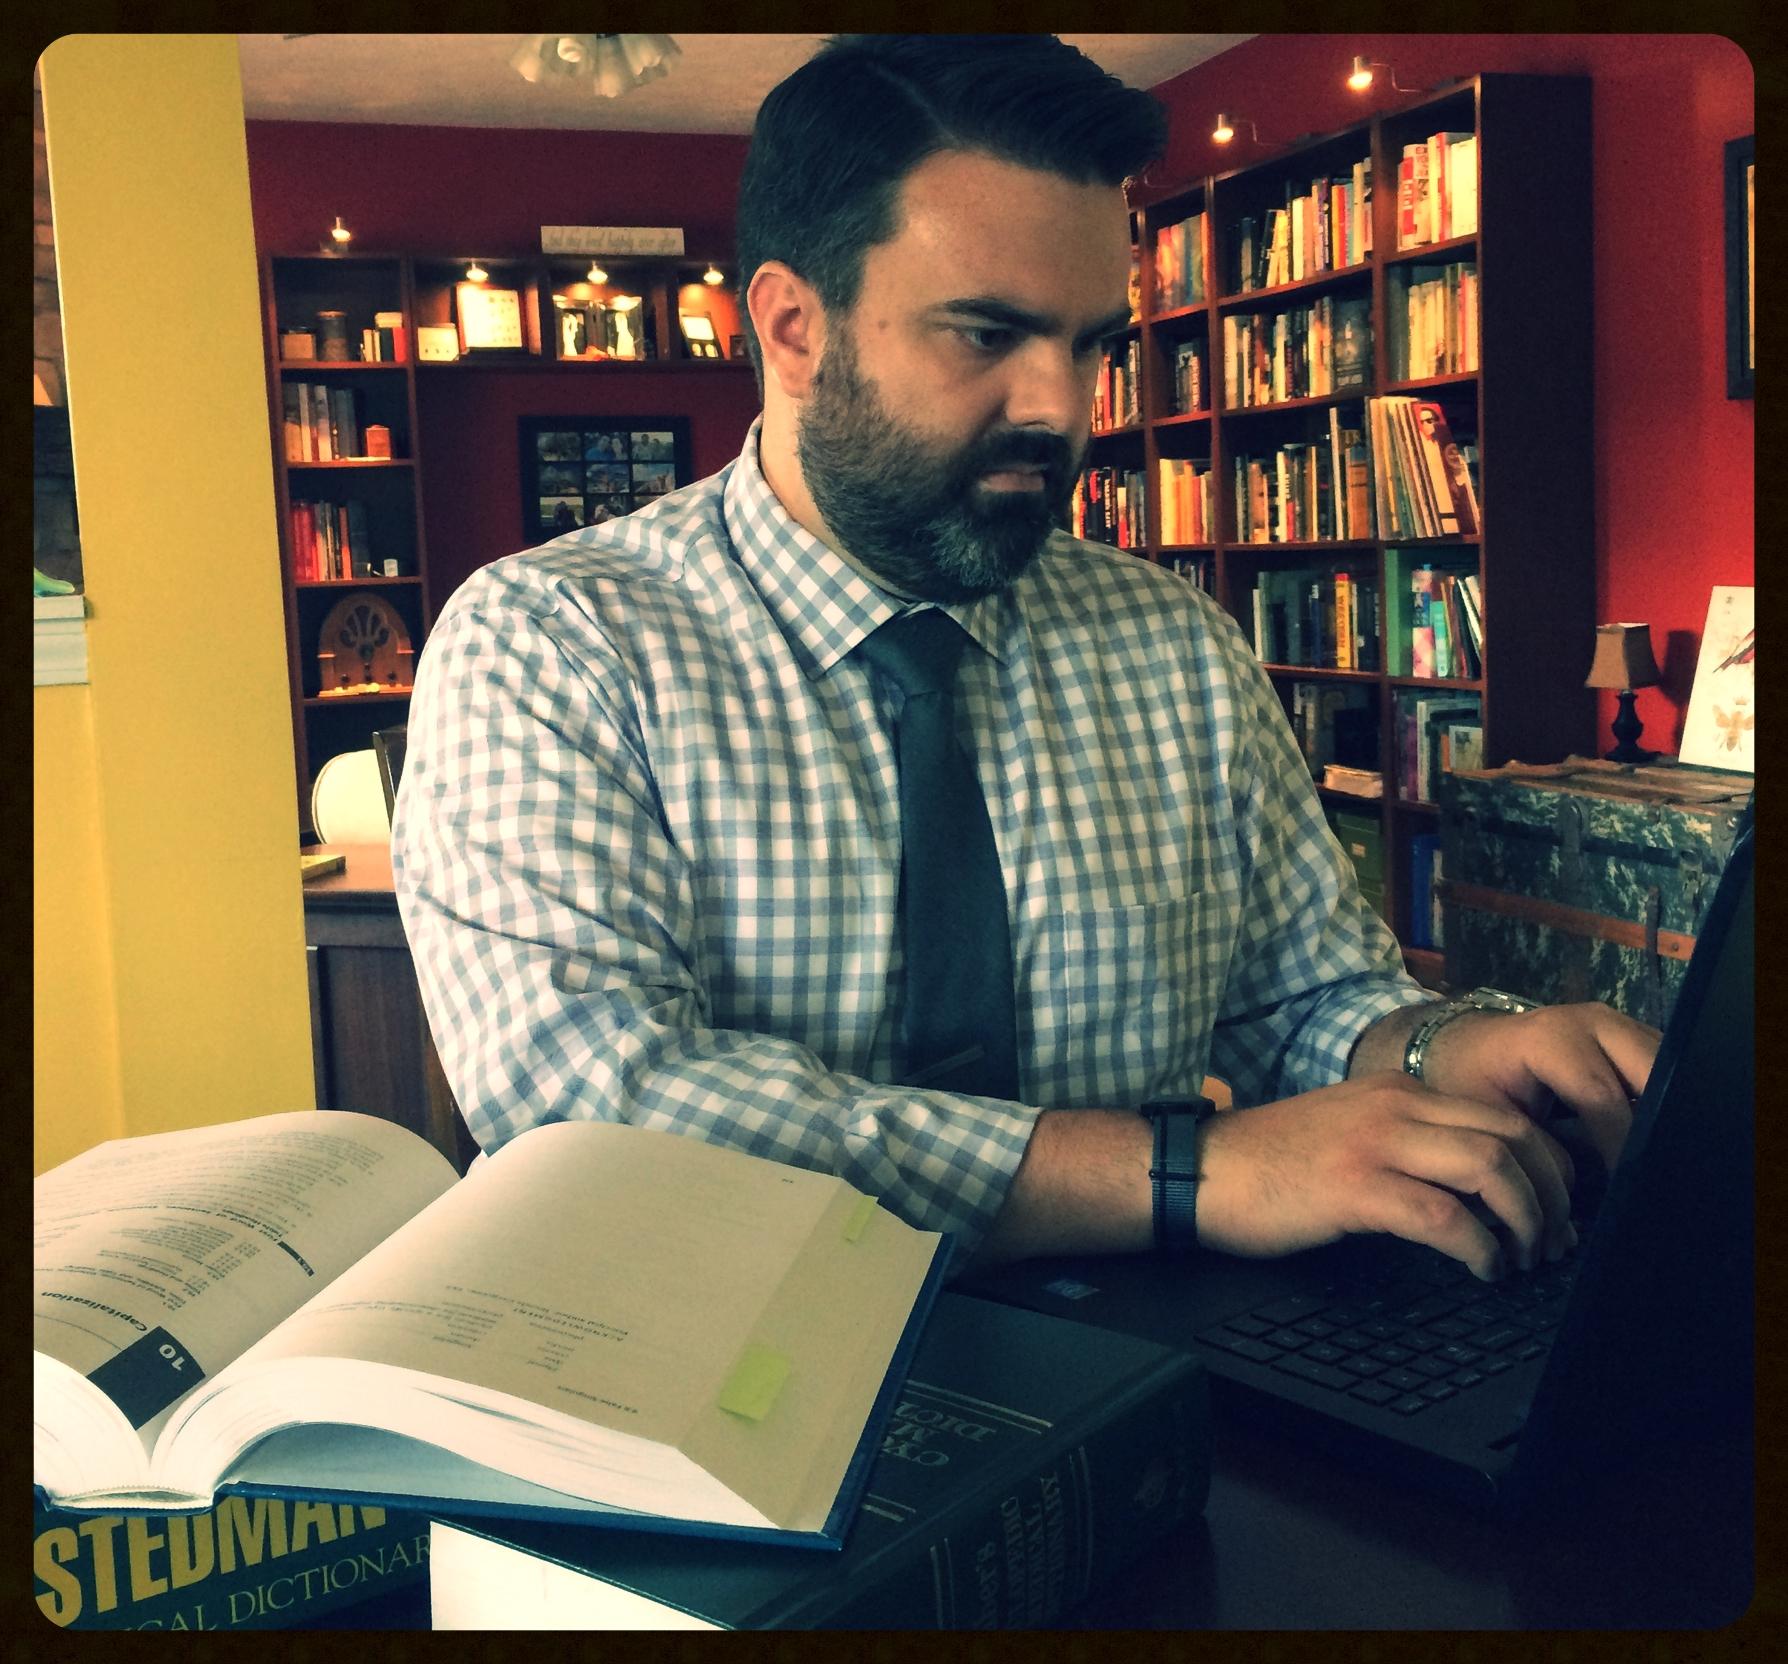 John editing medical manuscripts